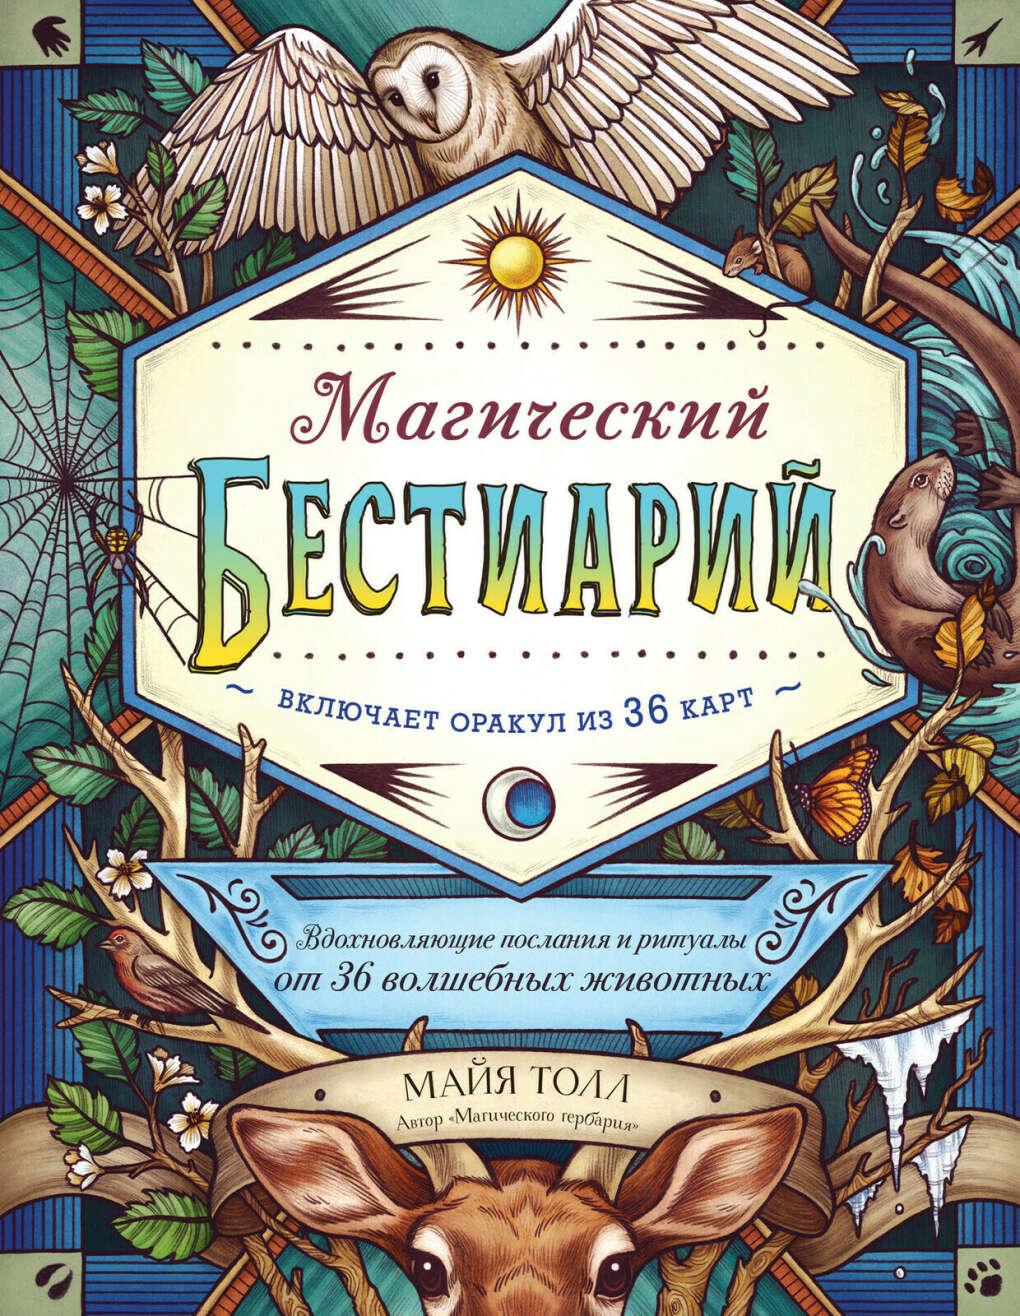 Майя Толл: Магический бестиарий. Вдохновляющие послания и ритуалы от 36 волшебных животных 36 карт и книга